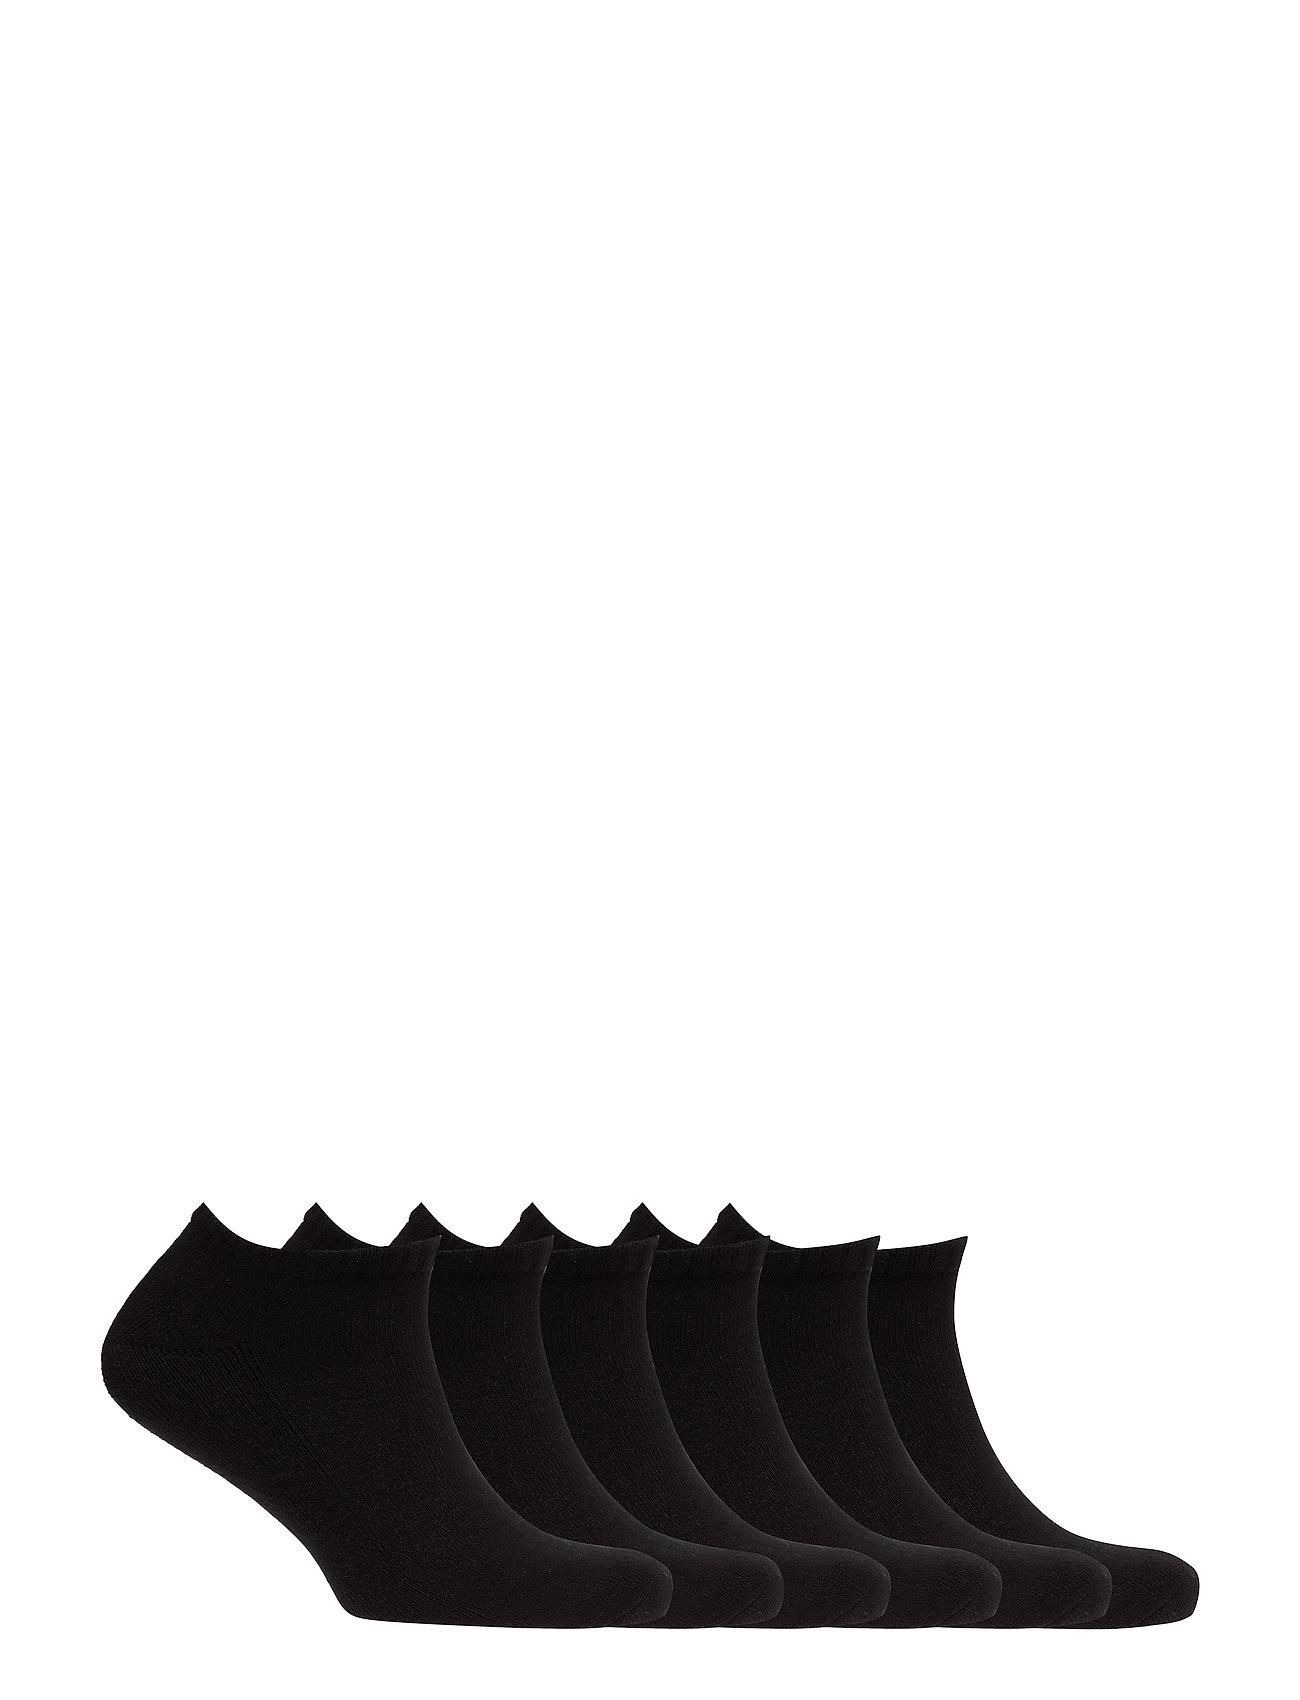 Polo Ralph Lauren 6PK LC PP-SOCKS-6 PACK - BLACK